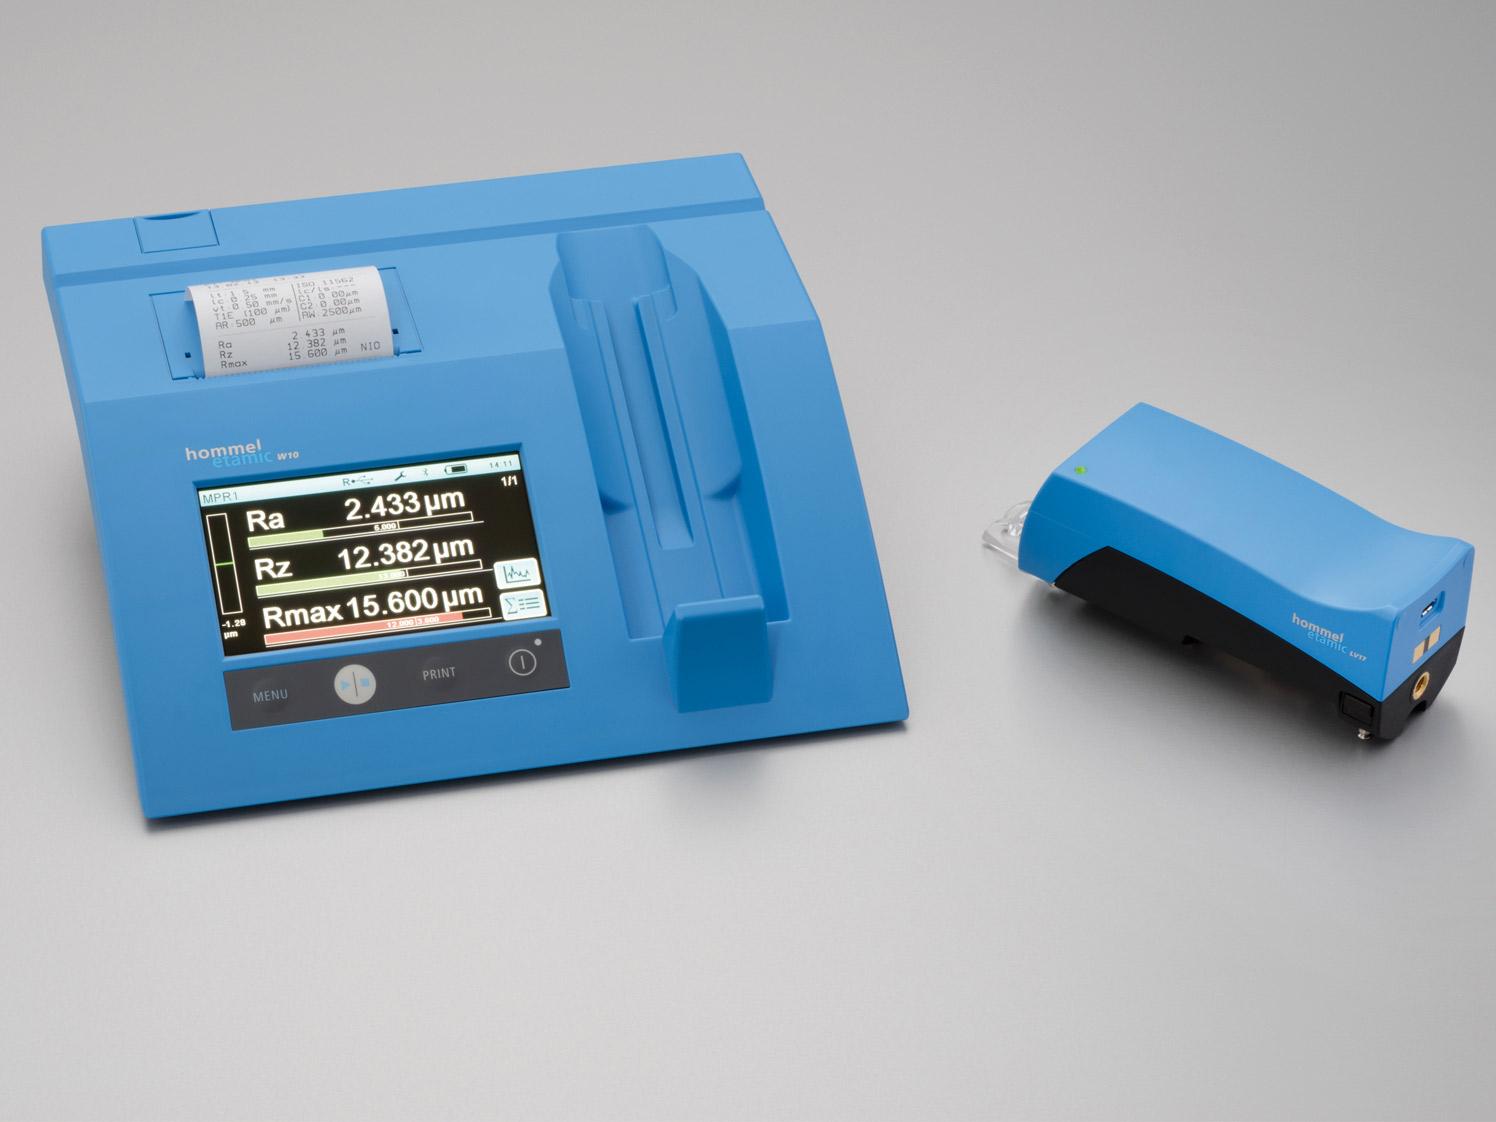 德国霍梅尔Hommel-Etamic W10粗糙度仪